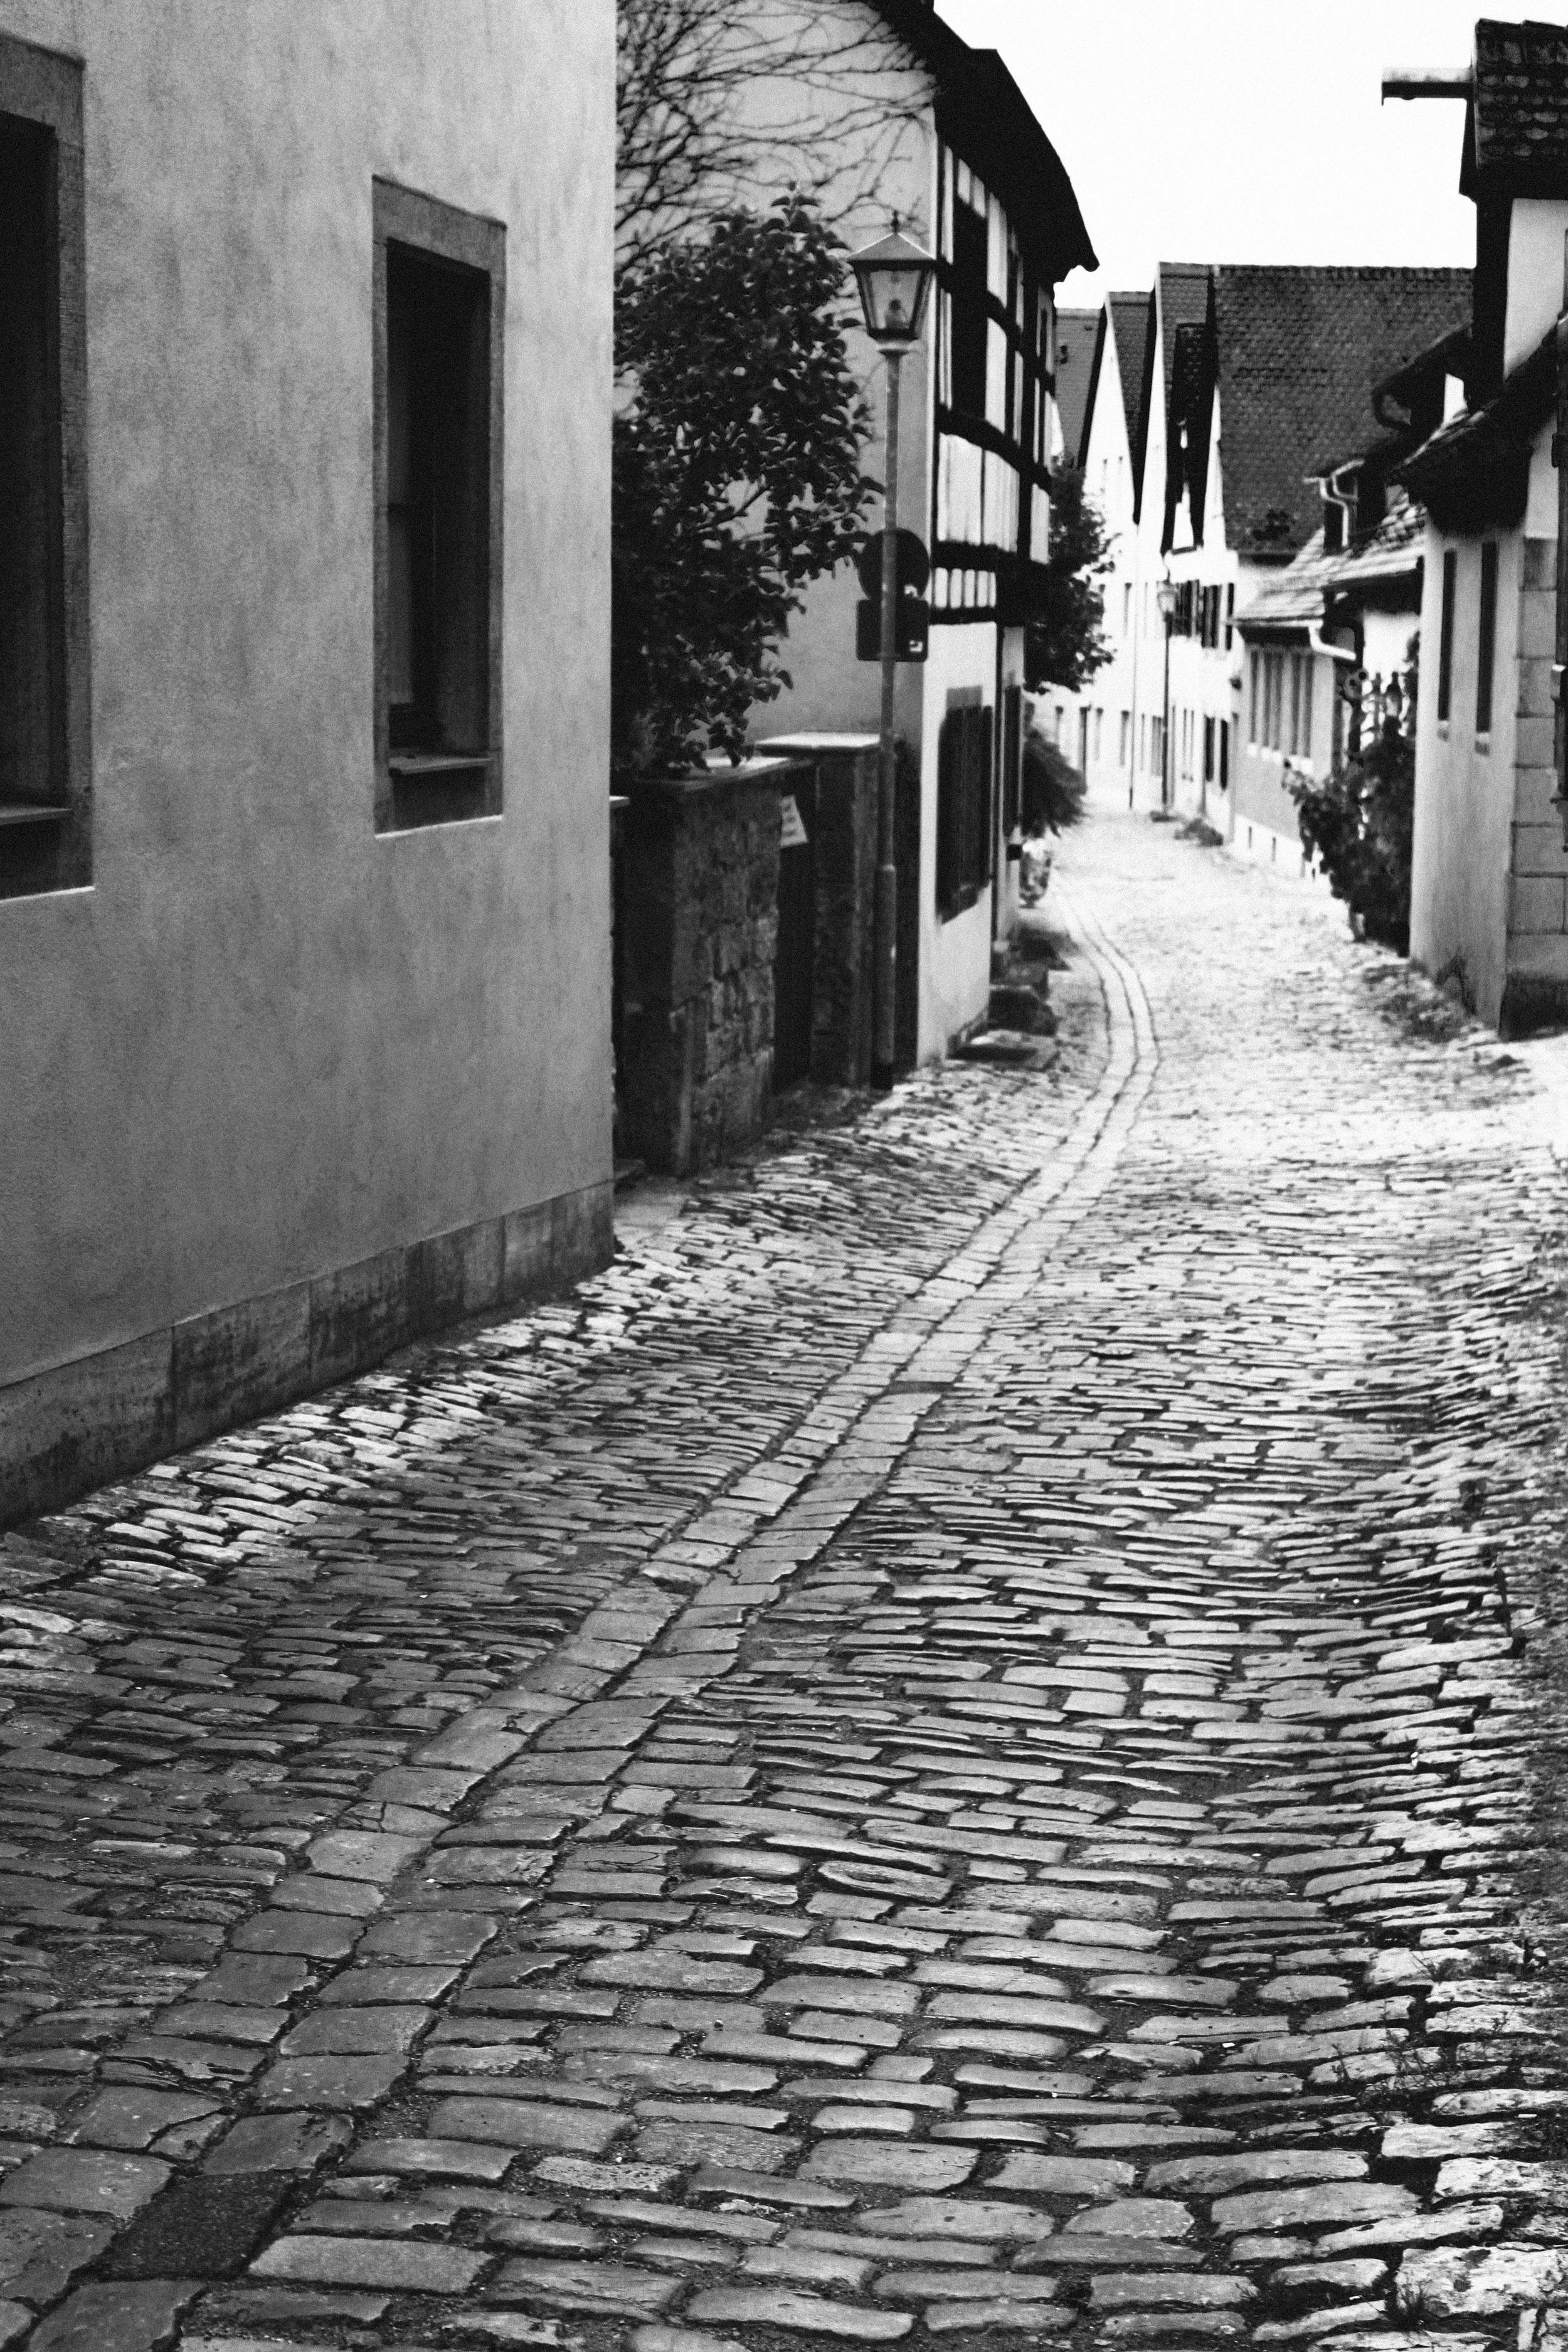 The Narrow Road - ©Amanda Benincasa